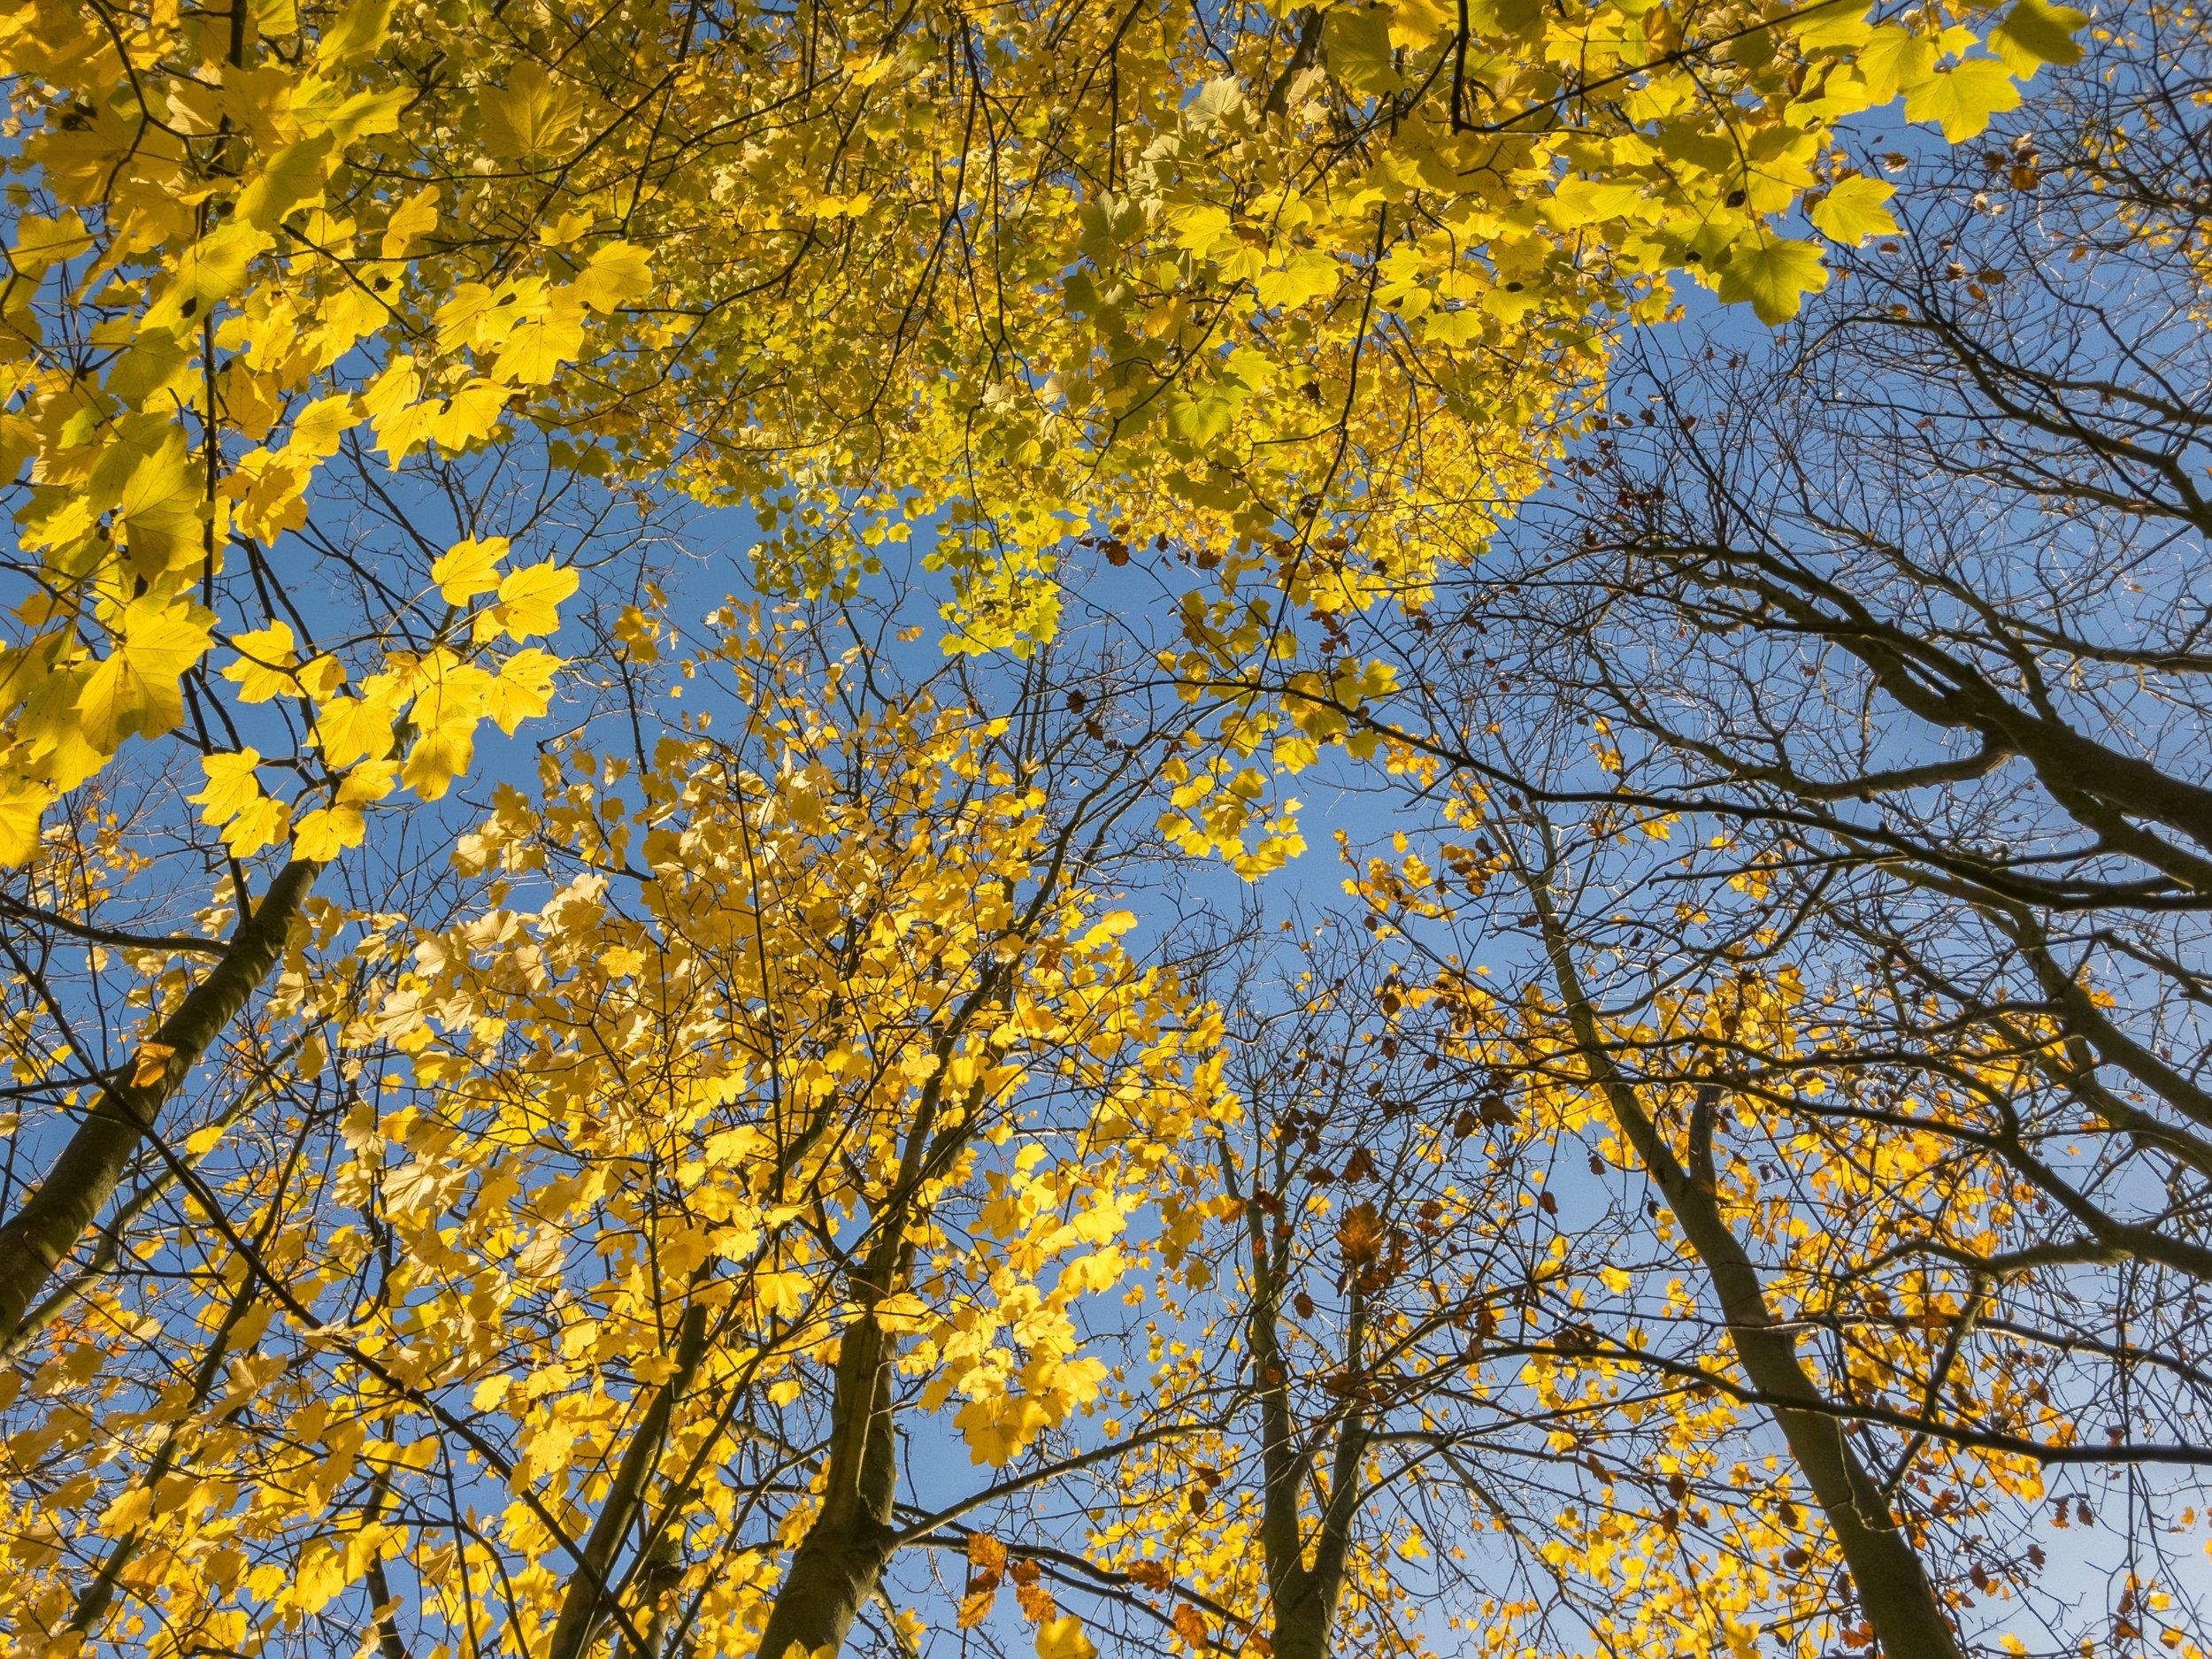 APC_0895-hdr - Herbst ShotoniPhone Autumn Blätter Leaves Sun Sonne Light Threes Licht Bäume Baum Stadt Osnabrück.jpg